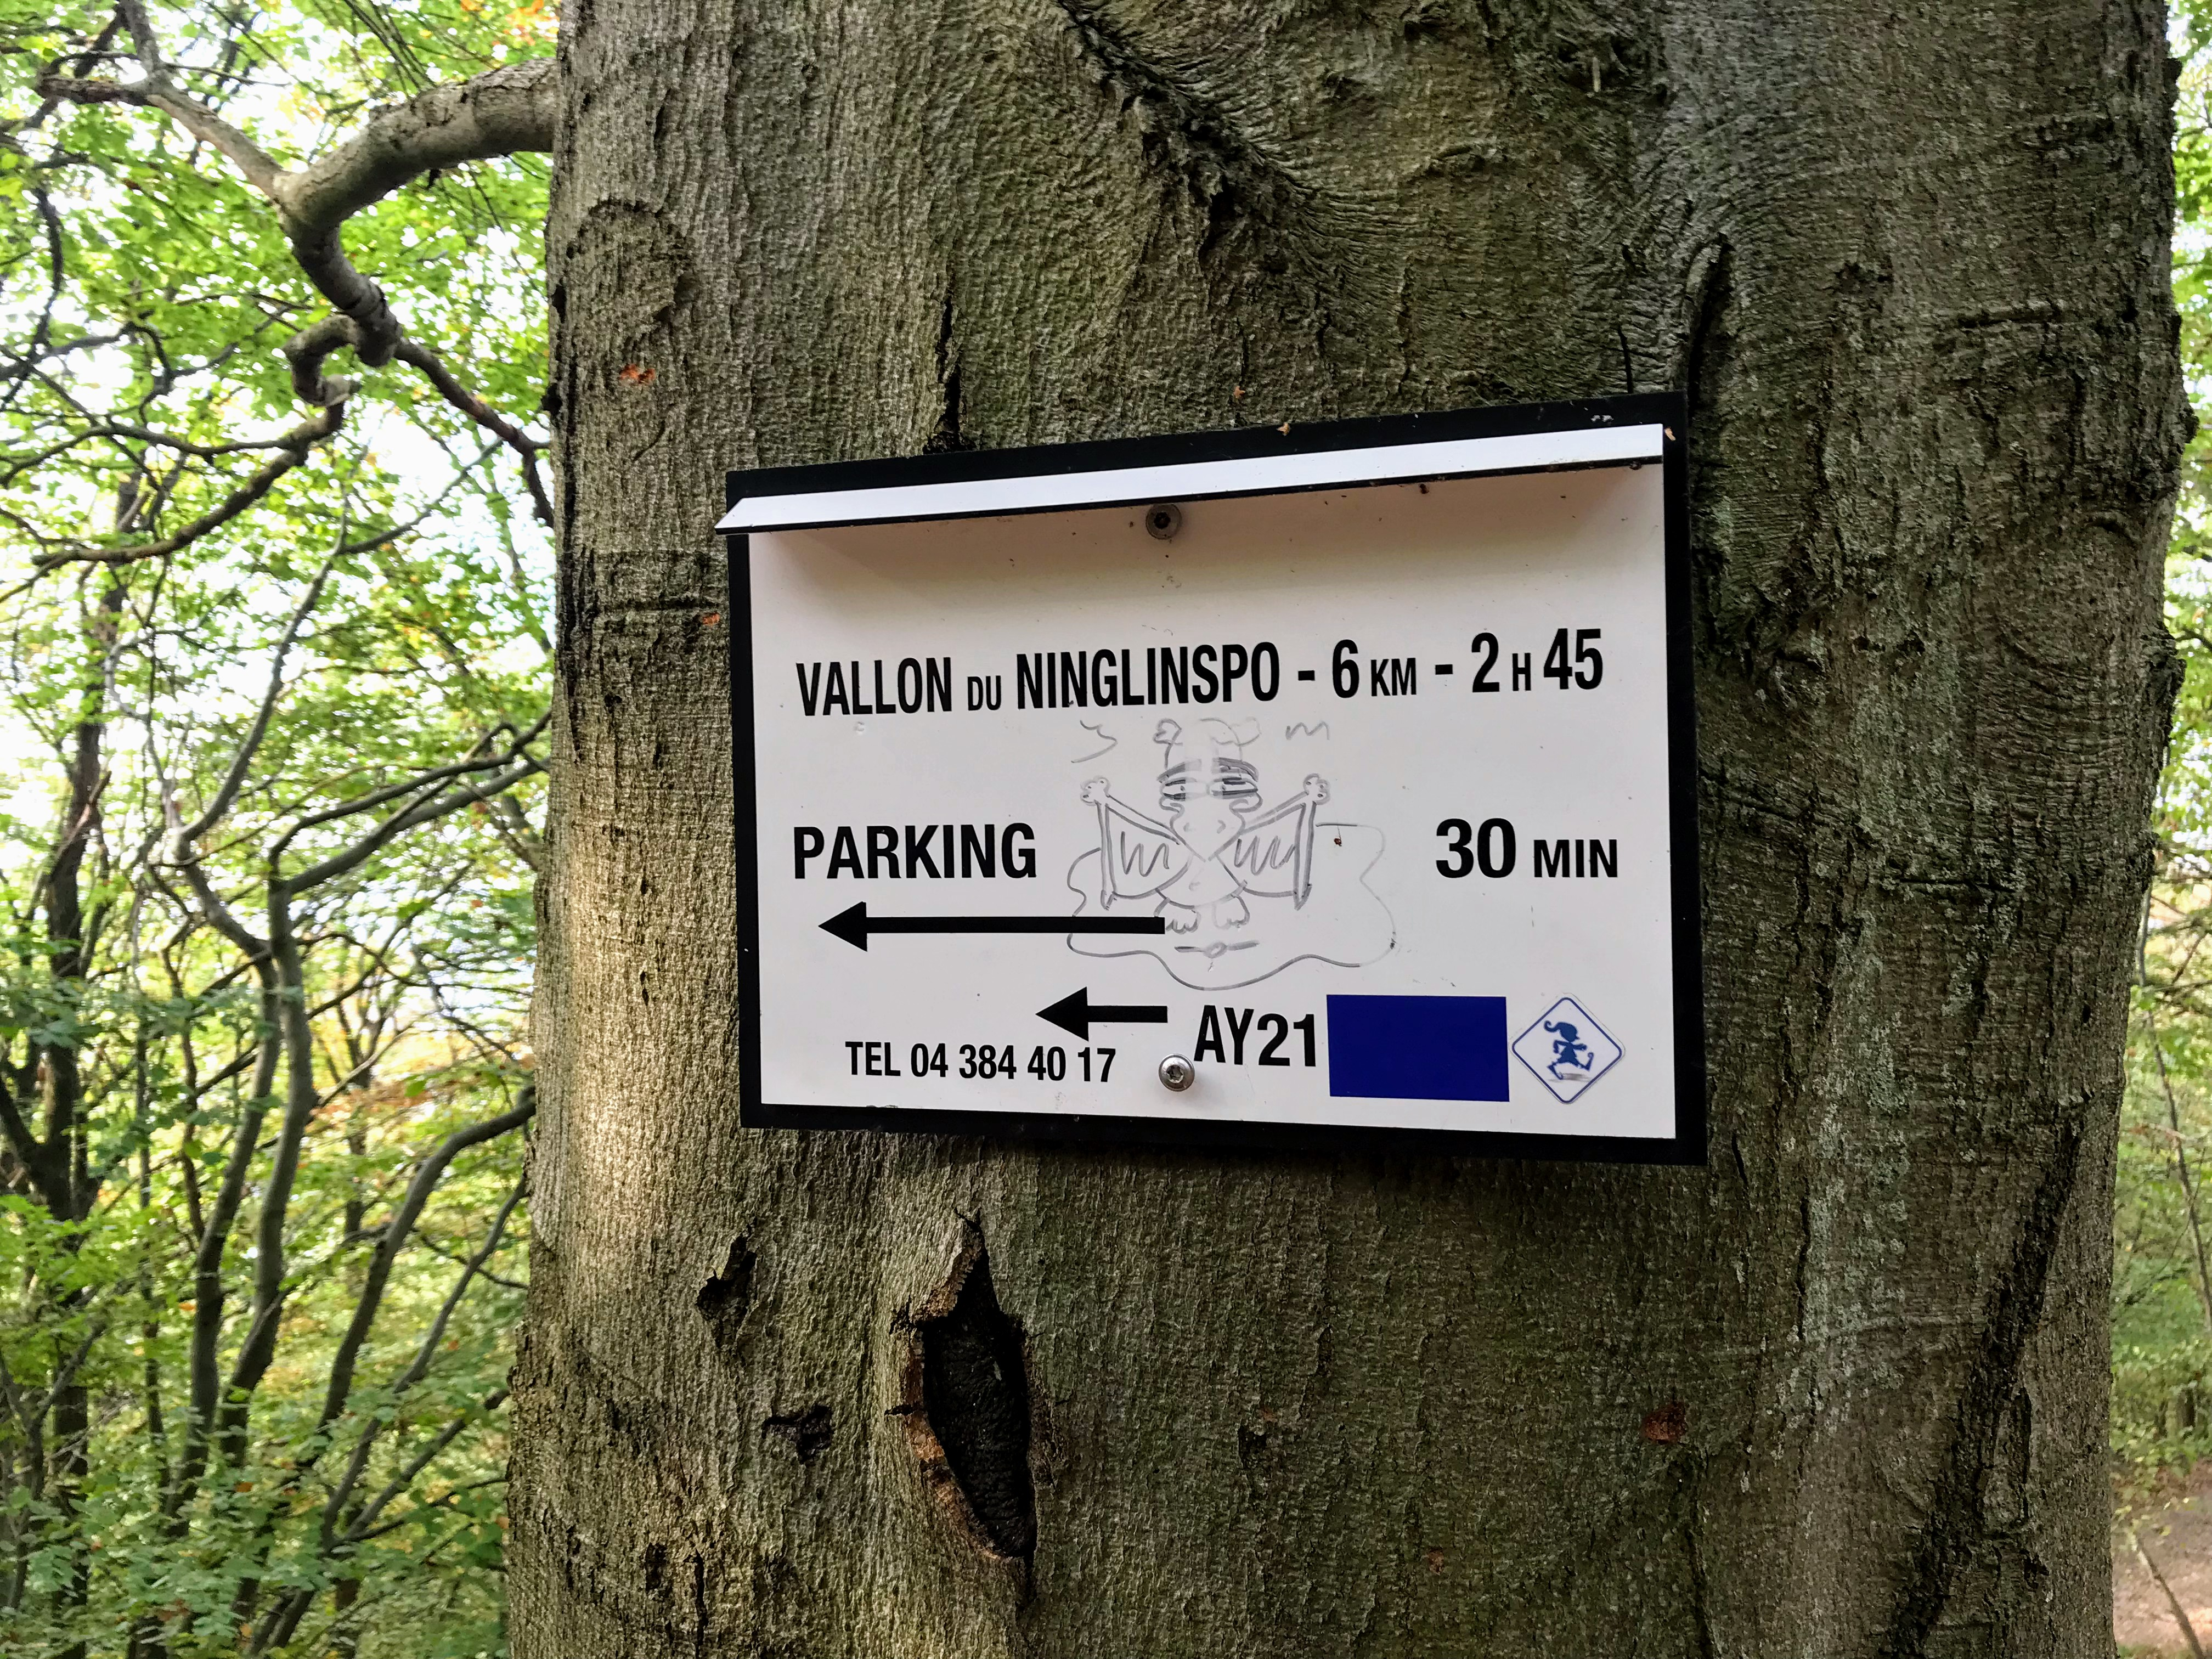 Terug naar de parking aan de Ninglinspo